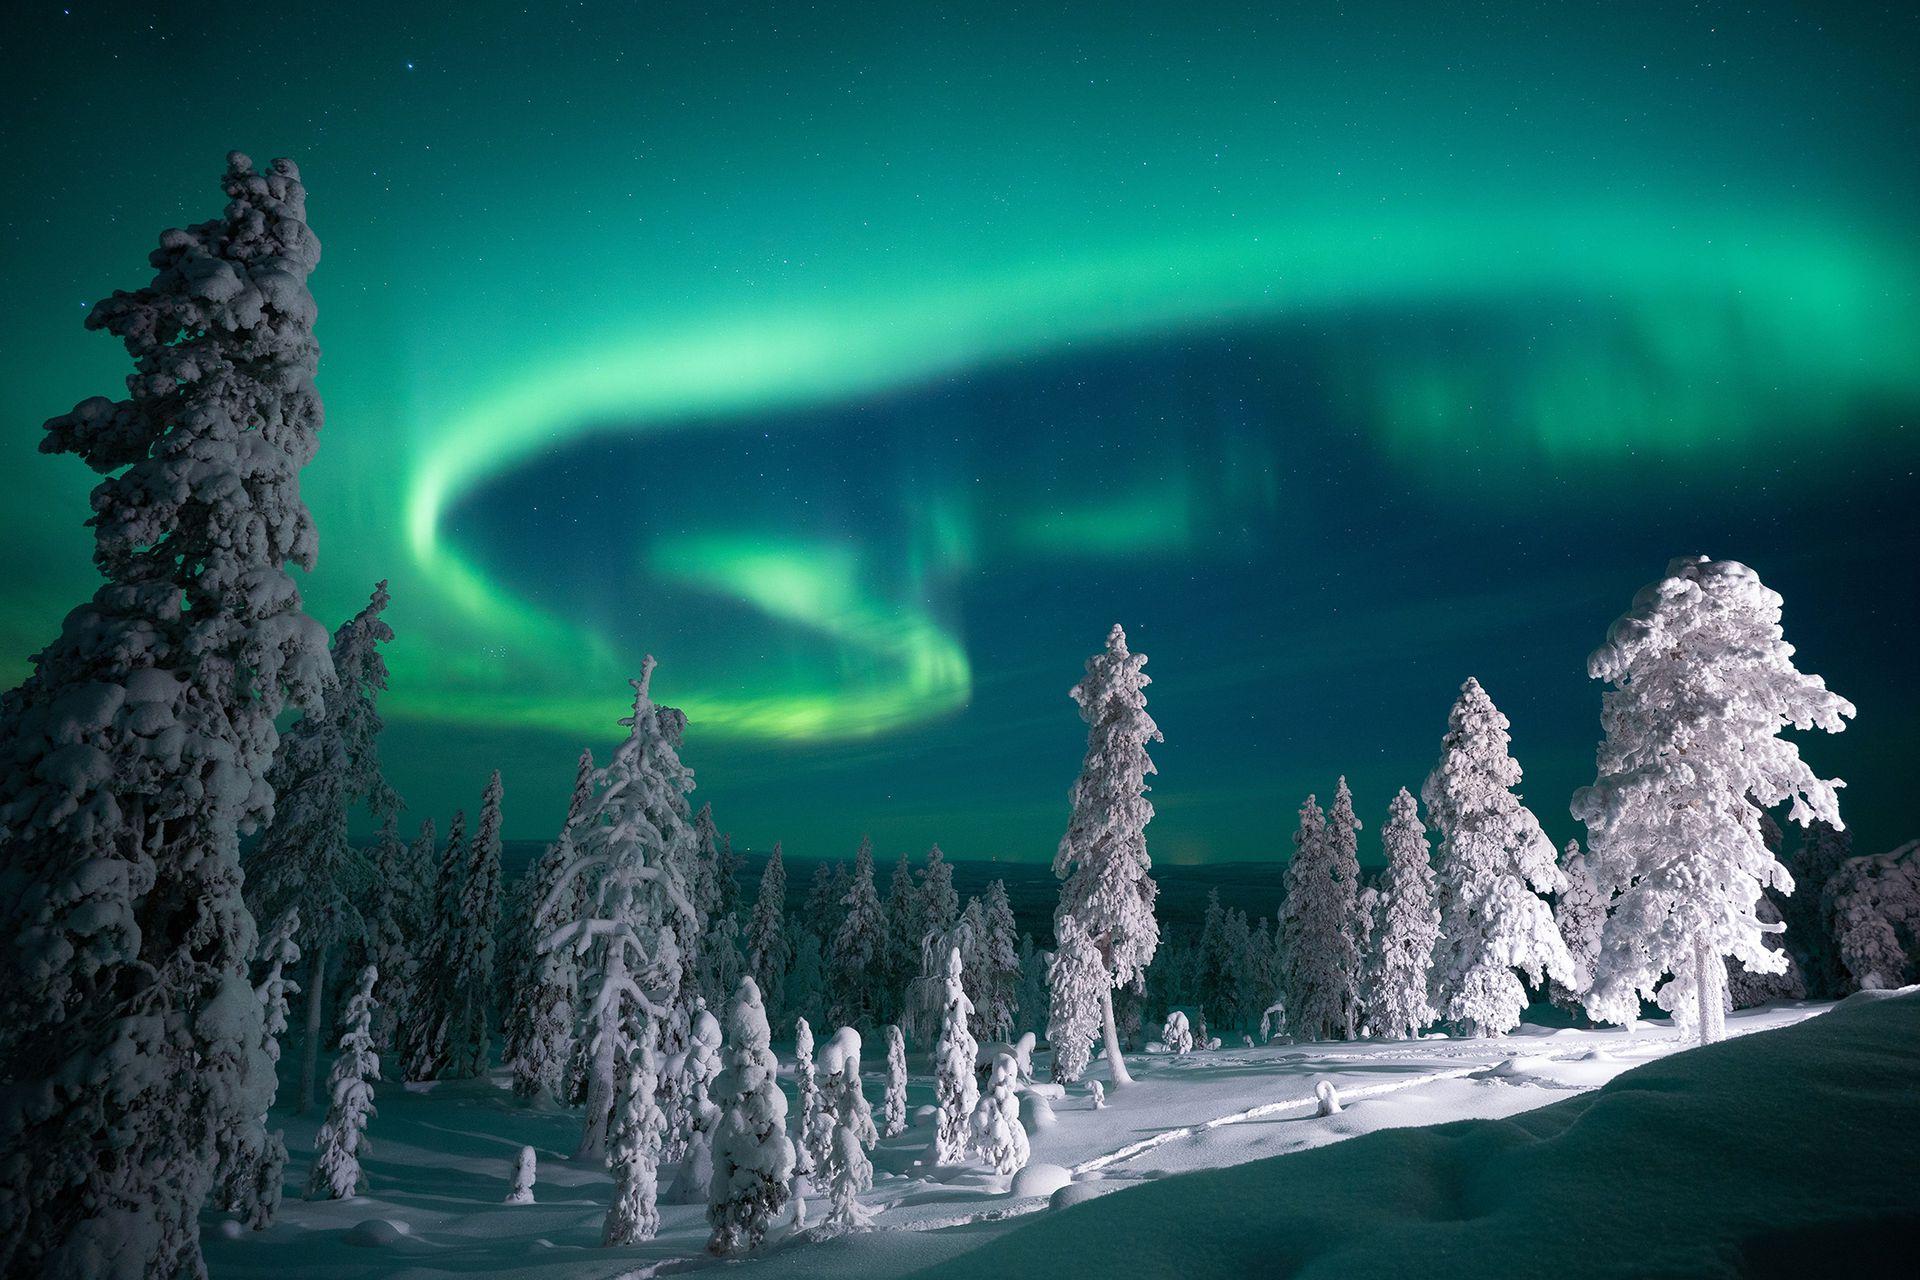 Los bosques nevados, todos blancos, y la luz verdosa de las auroras es la foto más buscada durante el invierno polar.